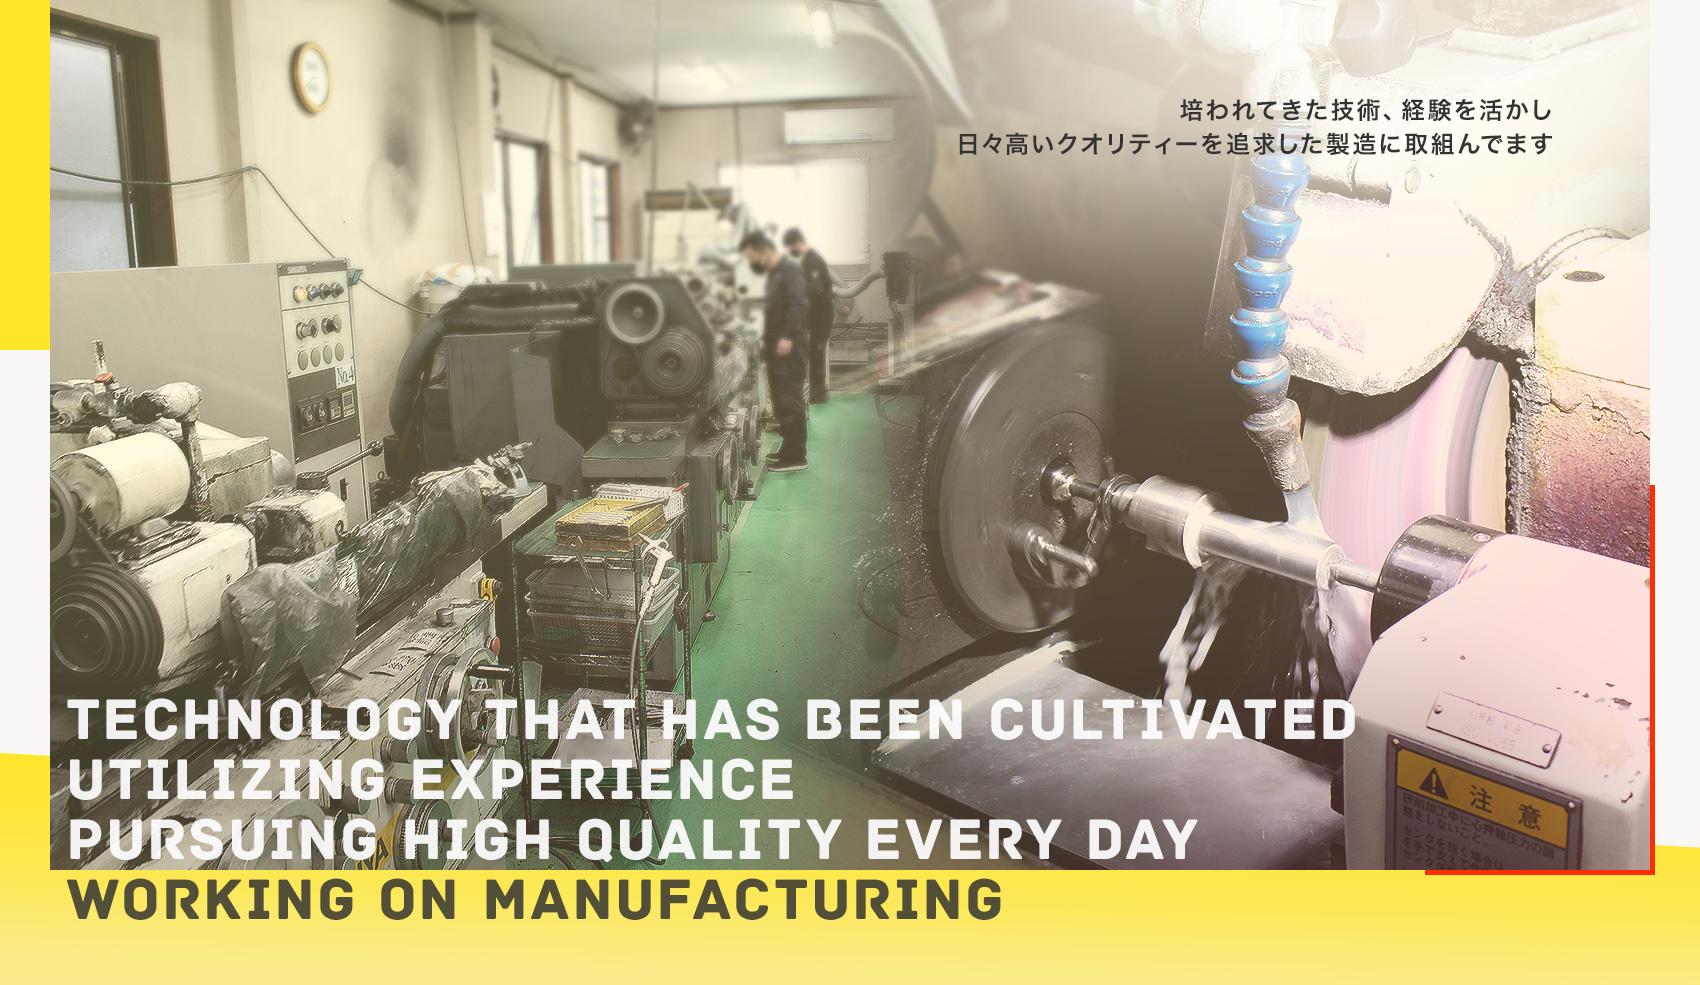 培われてきた技術、経験を活かし日々高いクオリティーを追求した製造に取組んでいます